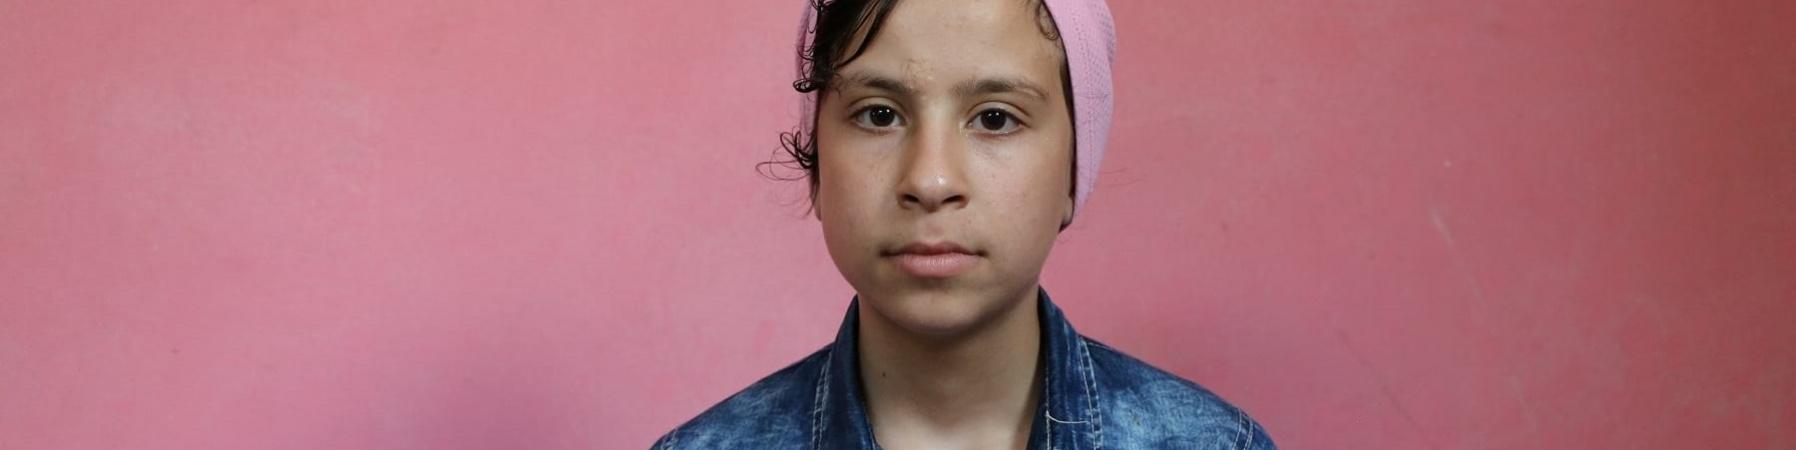 mezzo busto di bambina palestinese guarda in camera